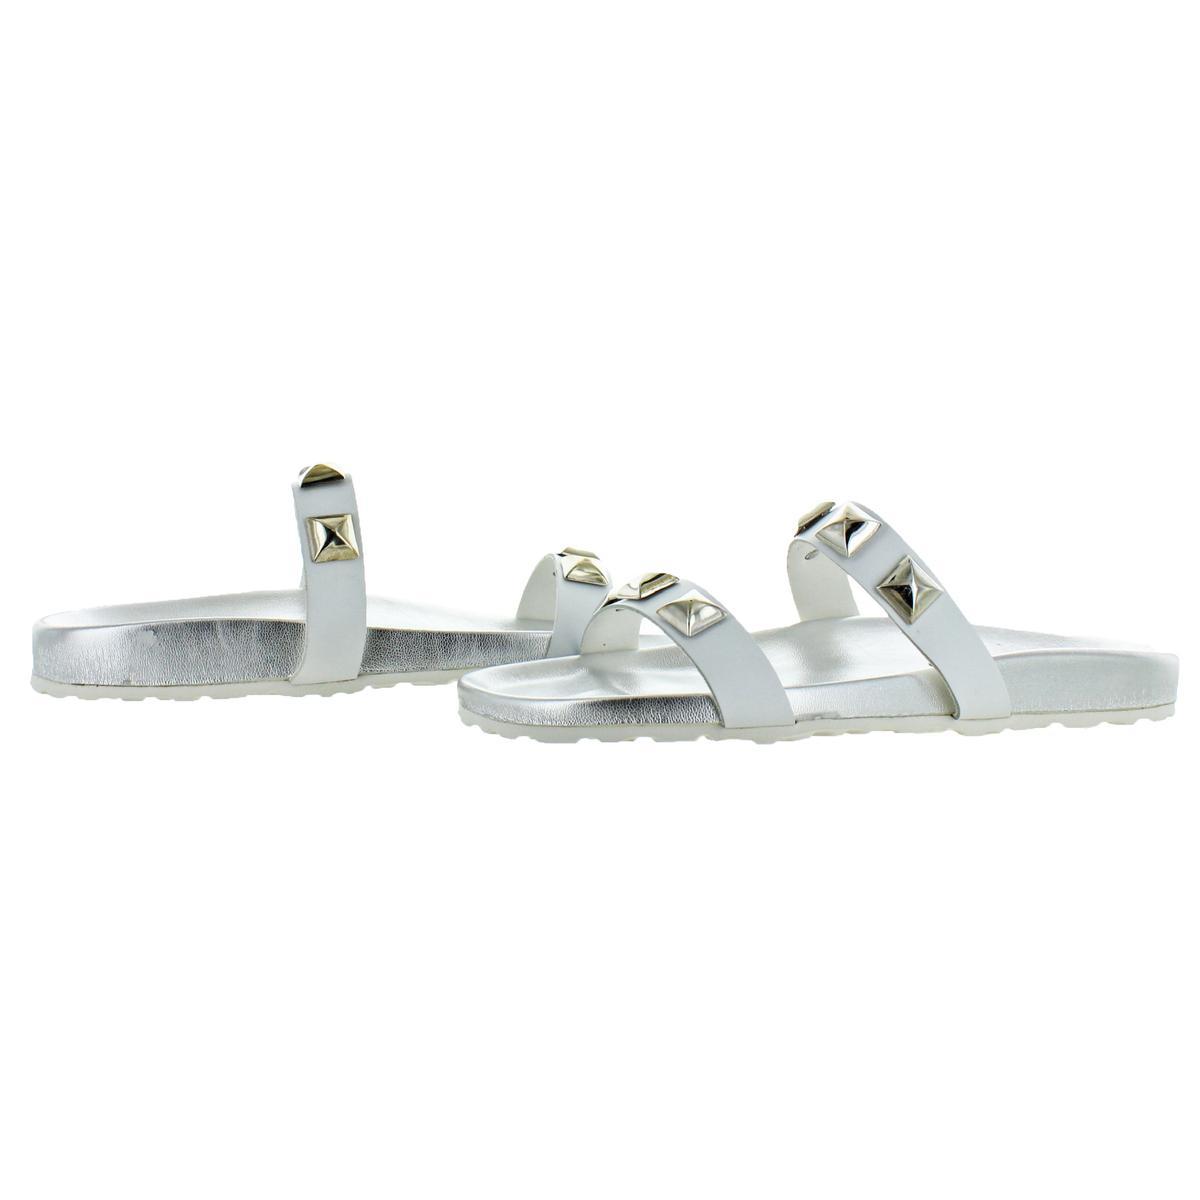 Steve-Madden-Women-039-s-Yield-Leather-Studded-Flat-Slide-Sandals thumbnail 6